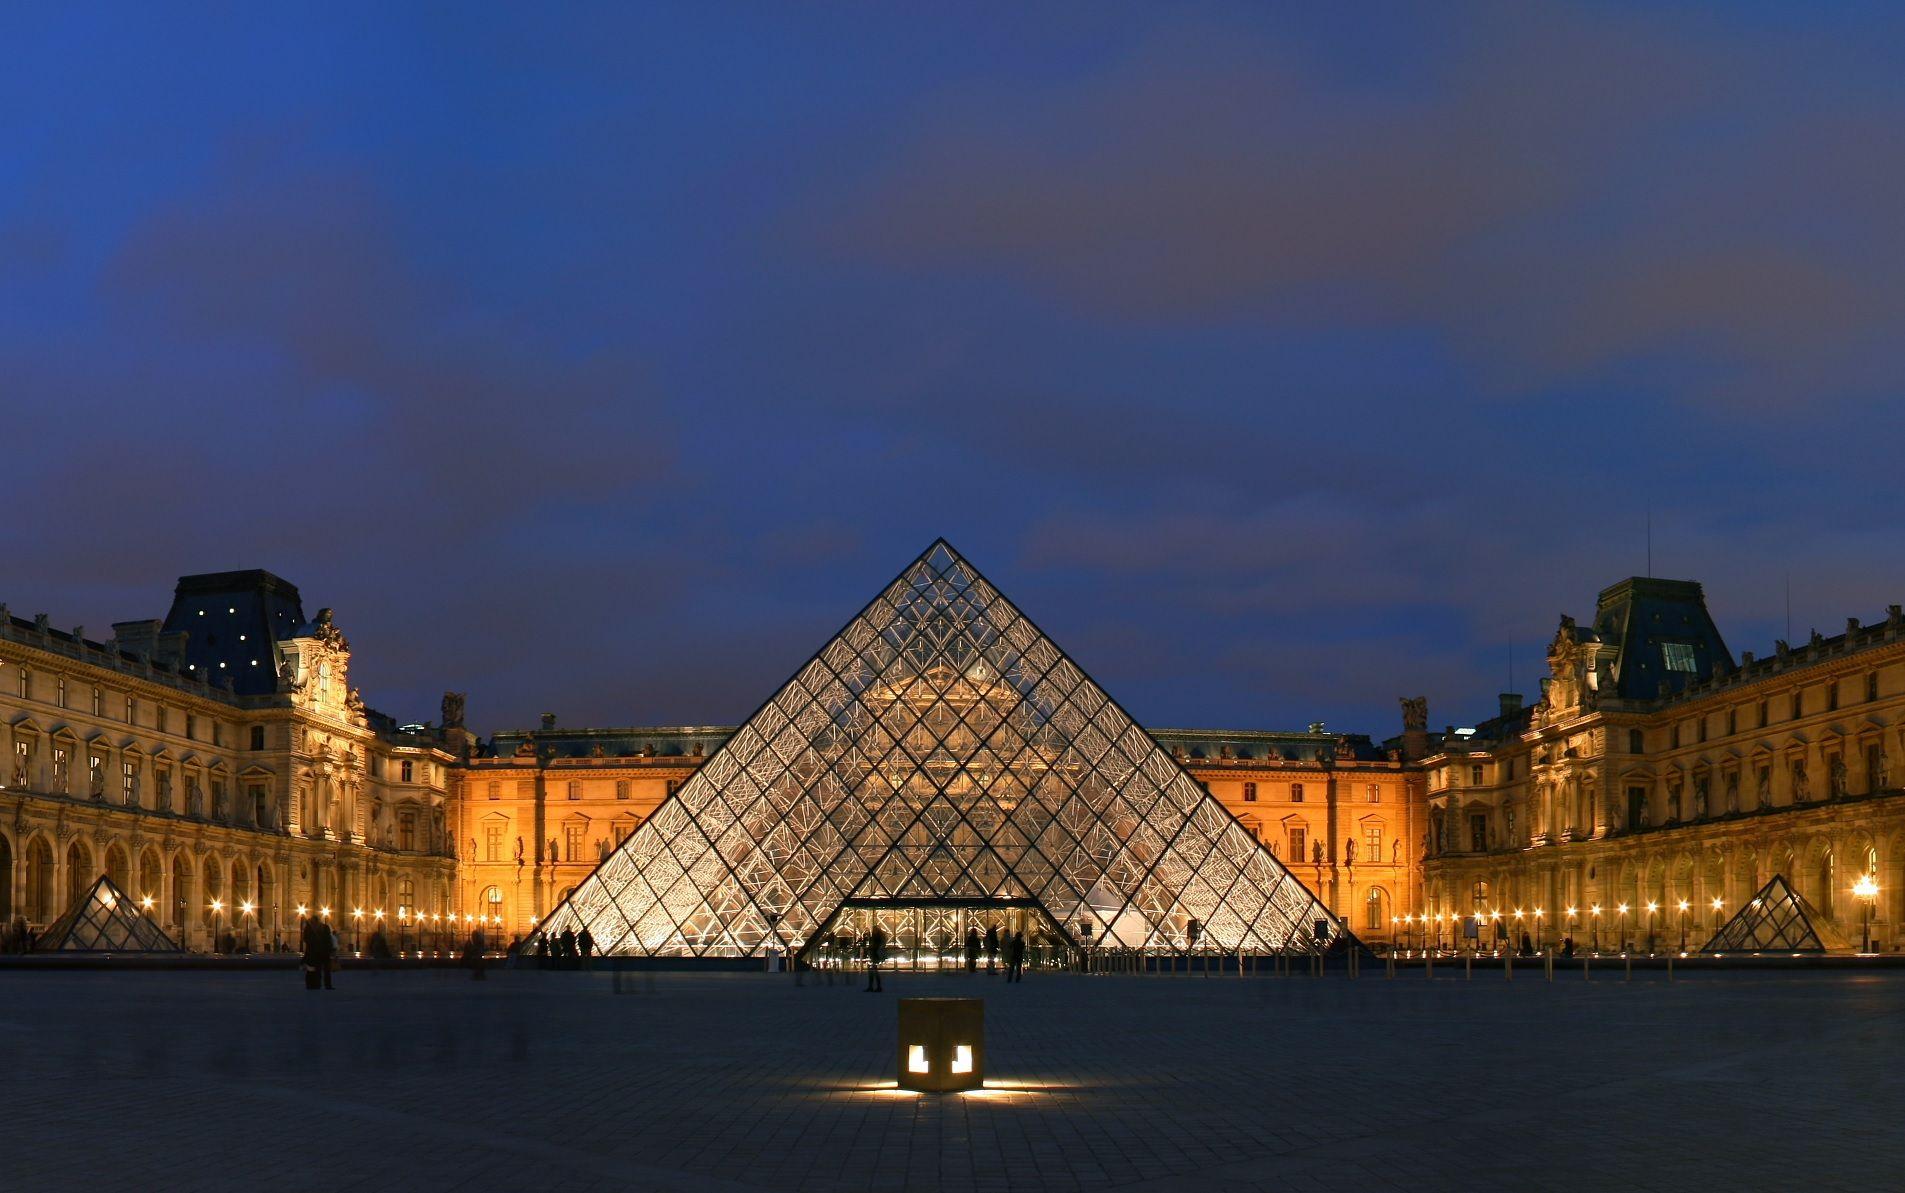 El #Museo del #Louvre es uno de los más importantes del mundo. Está ubicado en #Paris, en el antiguo palacio real del Louvre